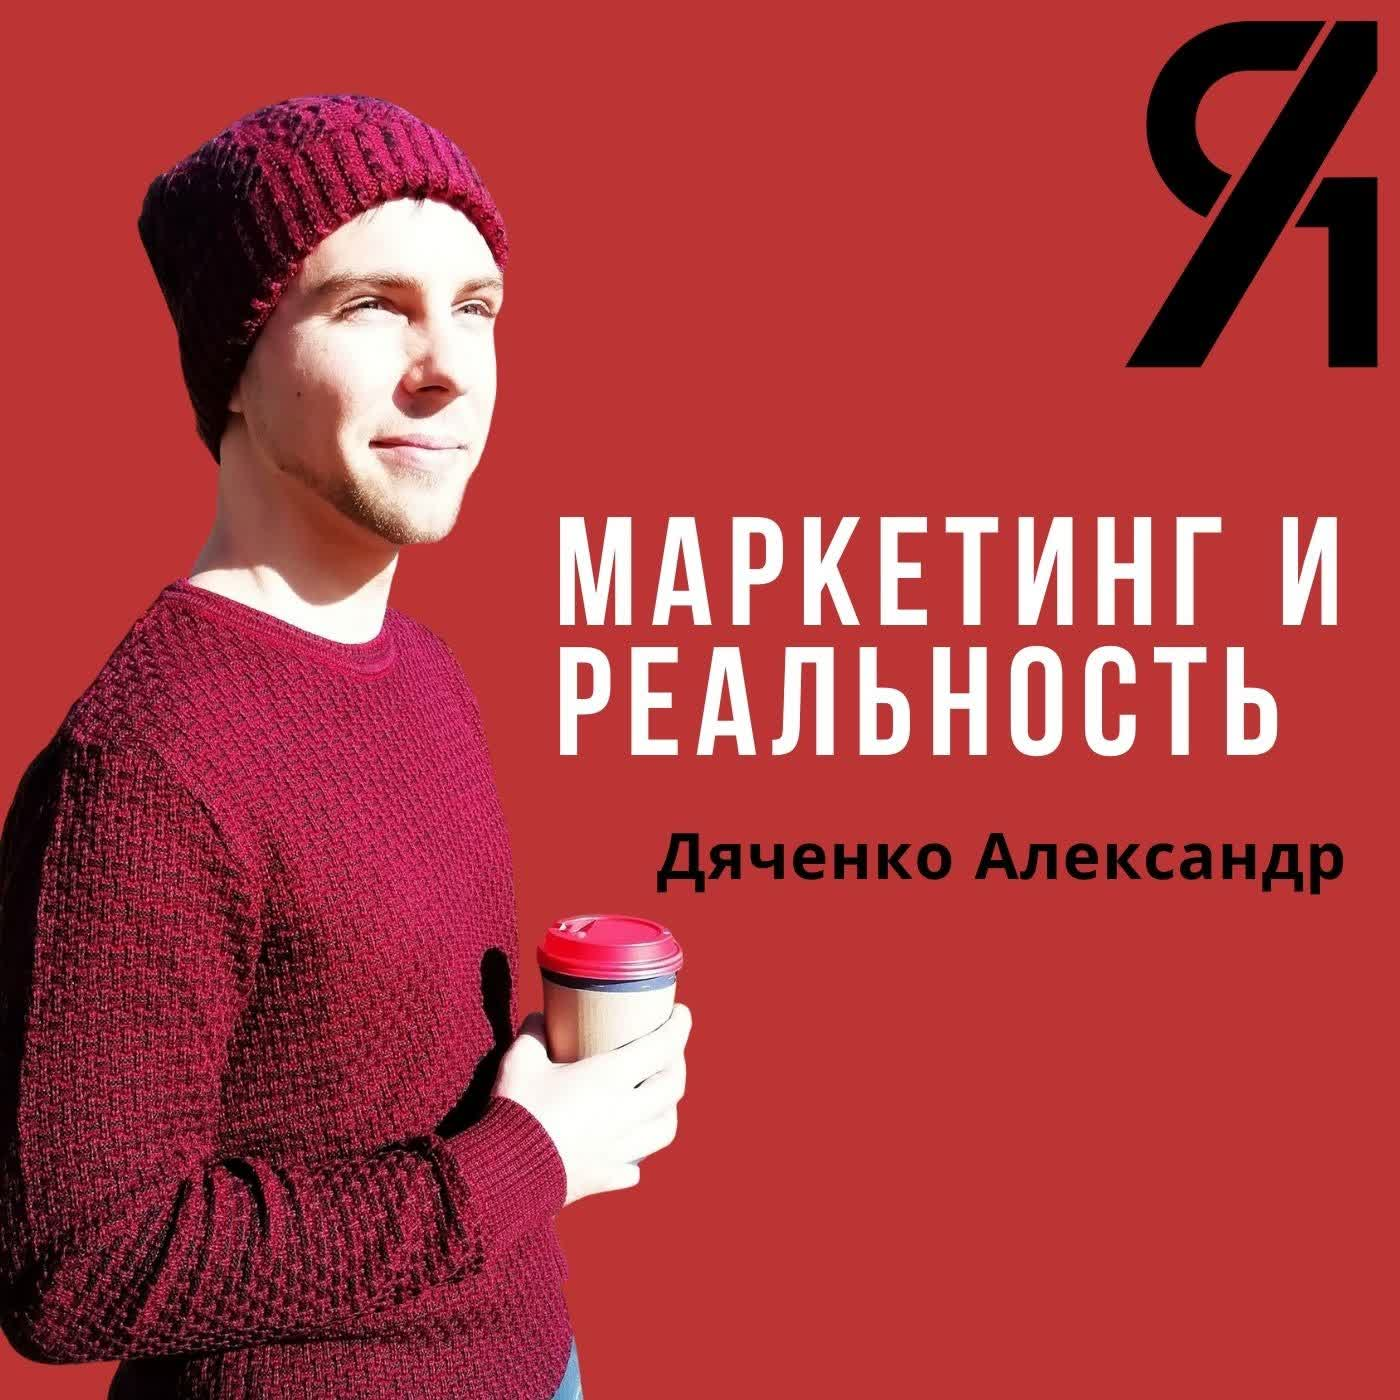 48. Яндекс.Кью - ответы на все вопросы. Интервью с представителем сервиса.